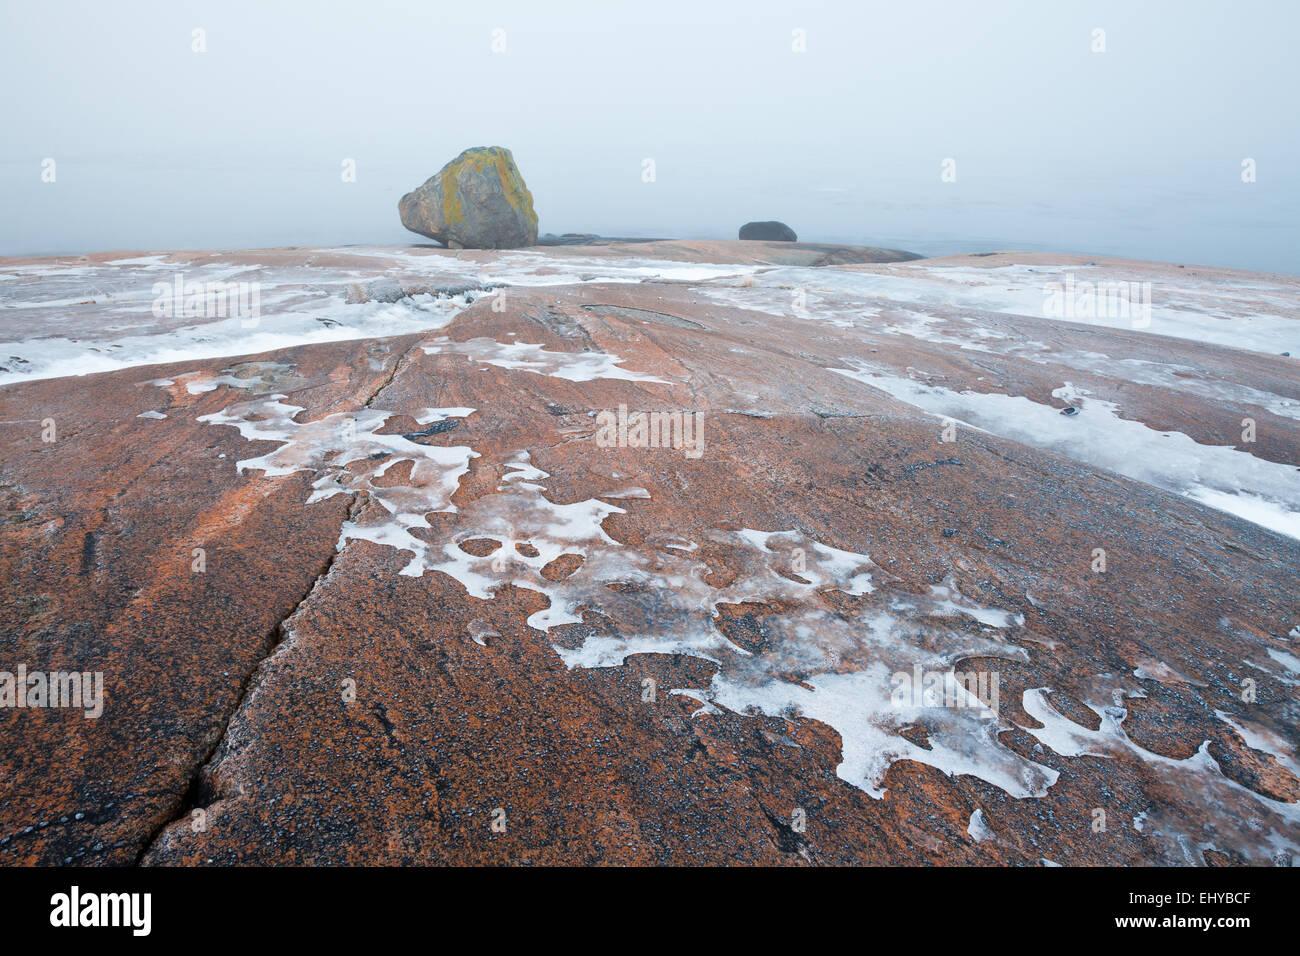 Icy Platten einen Nebel bei Saltholmen in Råde Kommune, Østfold Fylke, Norwegen. Stockbild